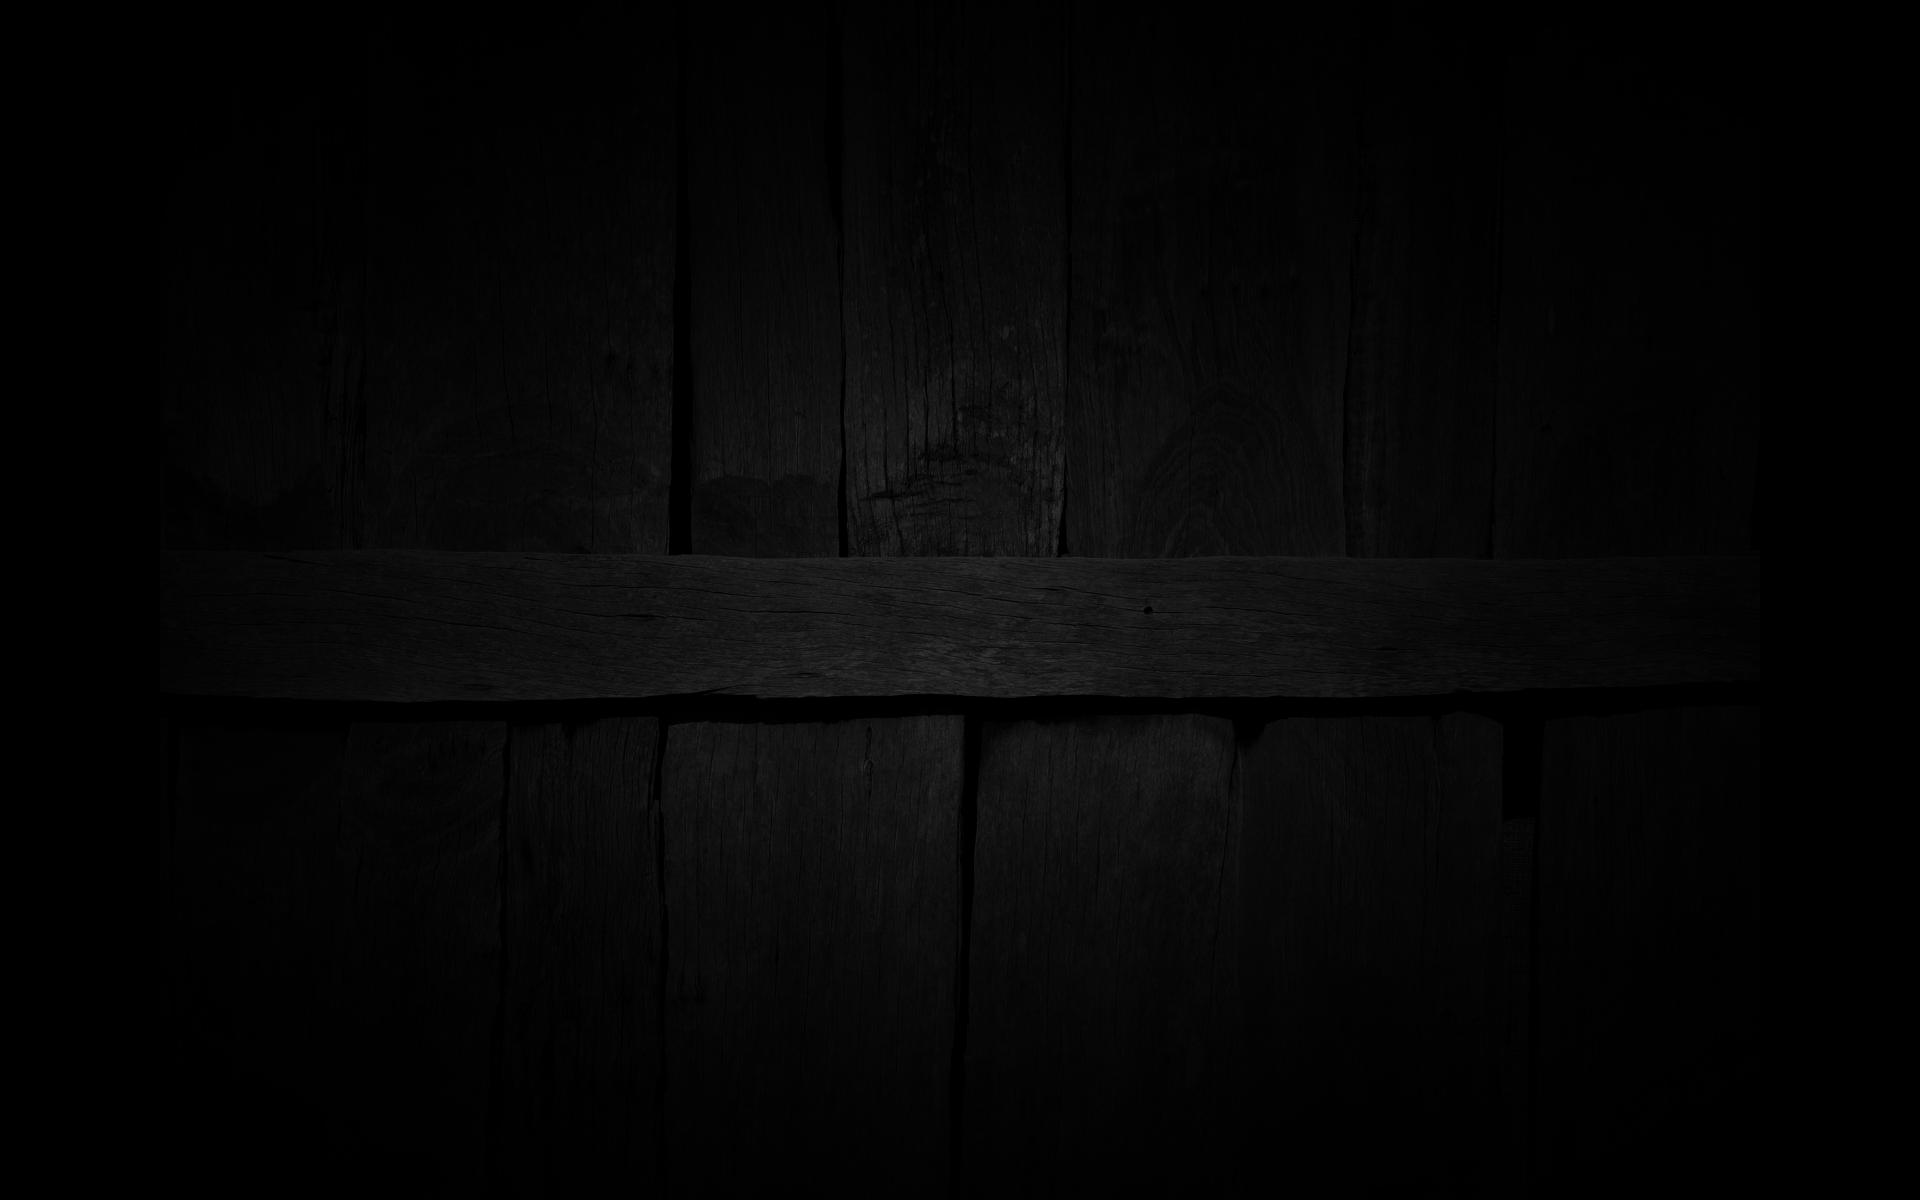 Dark Textures Wallpapers Pattern Hq Dark Textures Pictures 4k